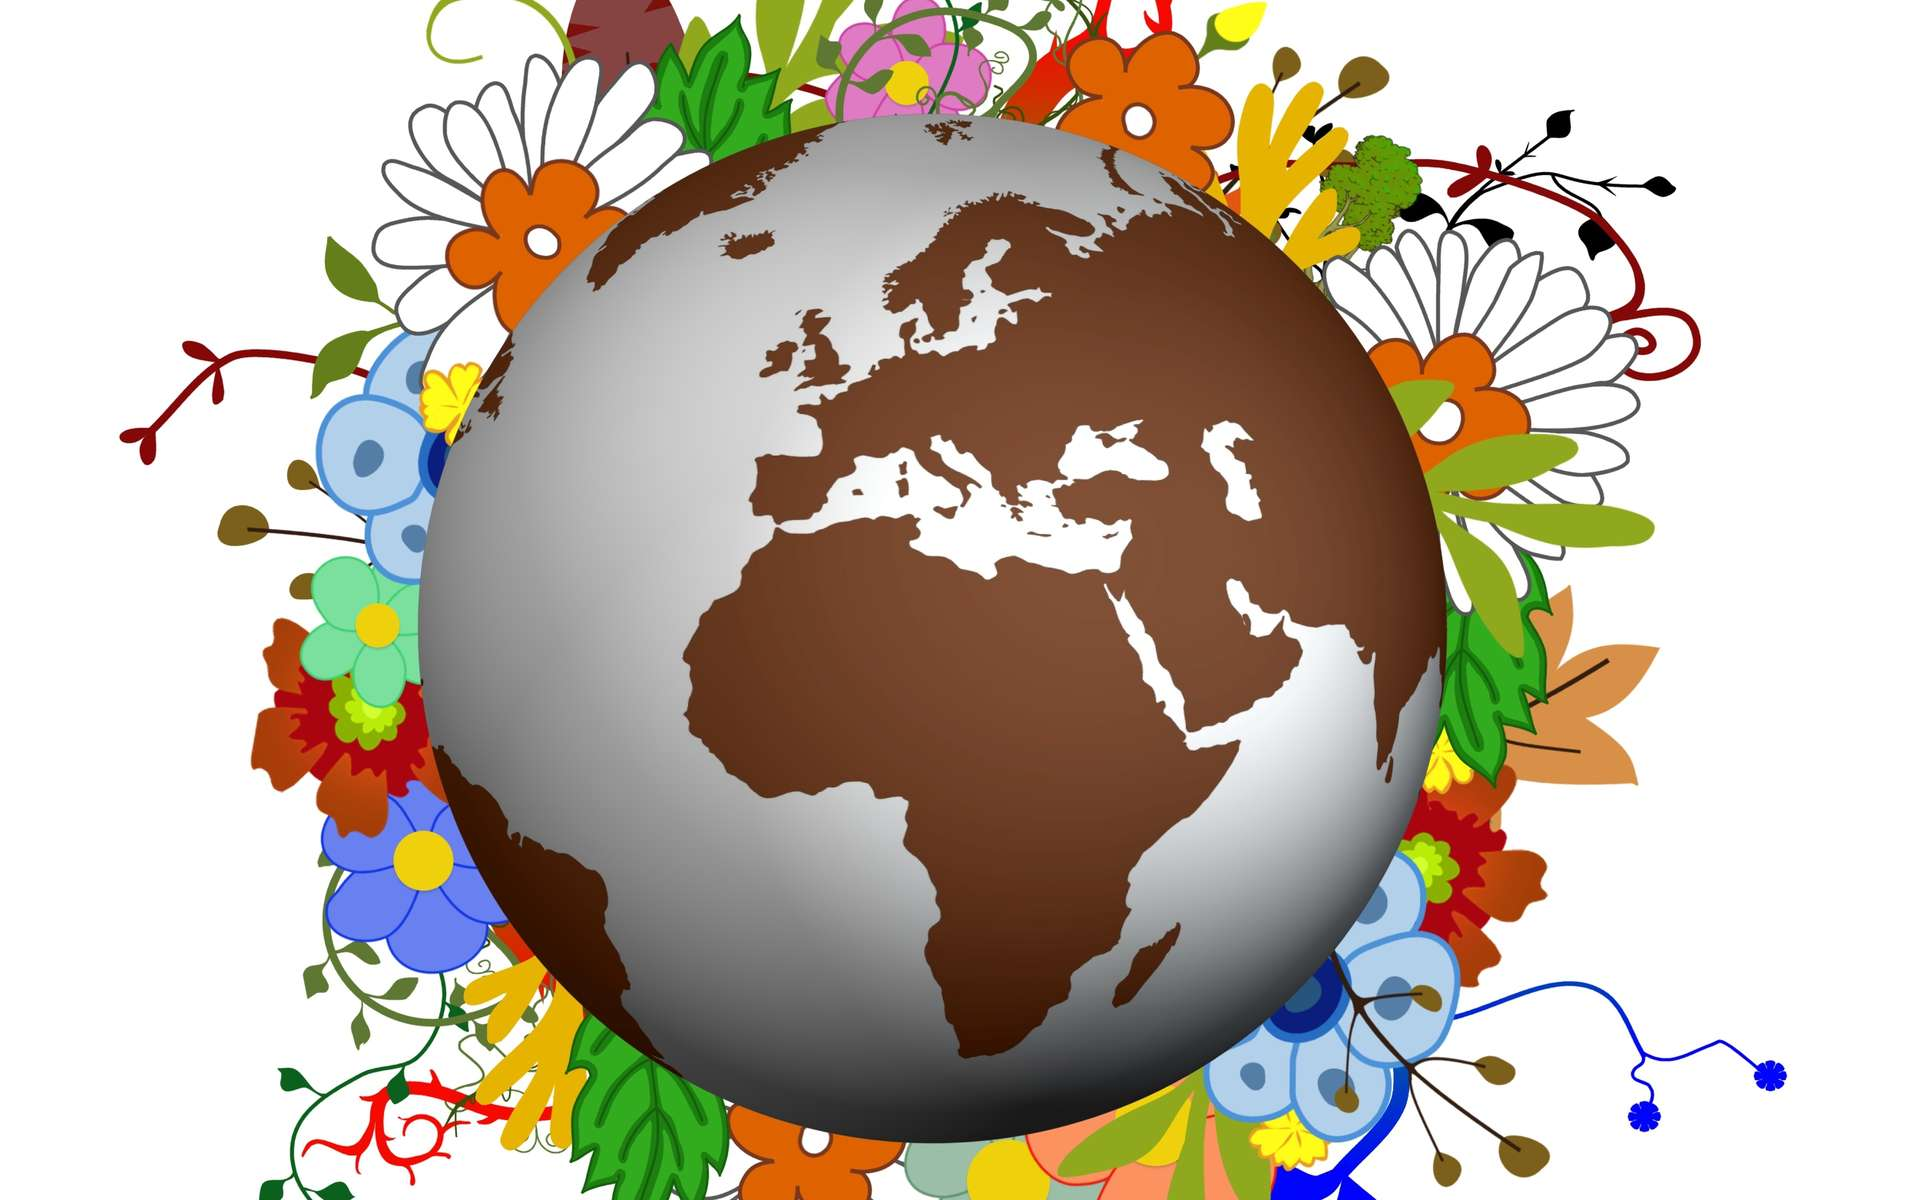 La Journée mondiale de la Terre a lieu chaque année le 22 avril. © Darrenw |